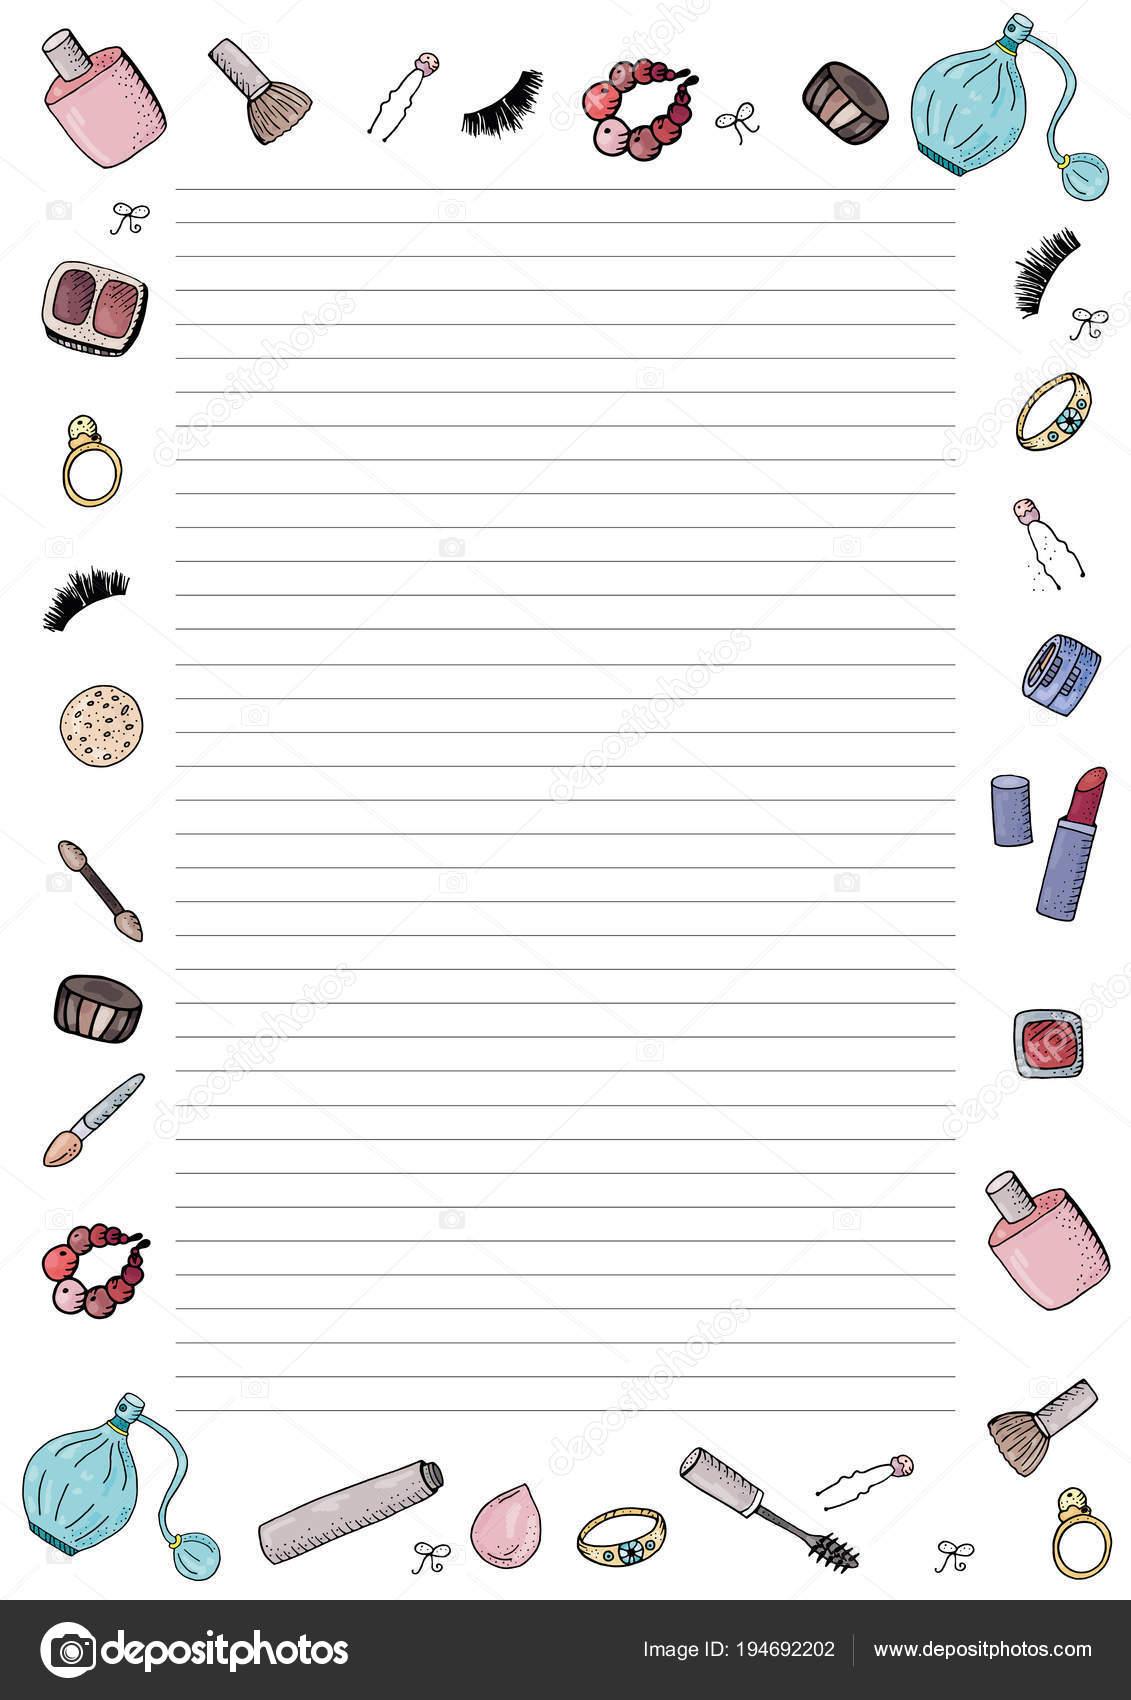 Niedliche Mode Vorlage Für Notizen Mit Make Werkzeuge Kosmetik ...